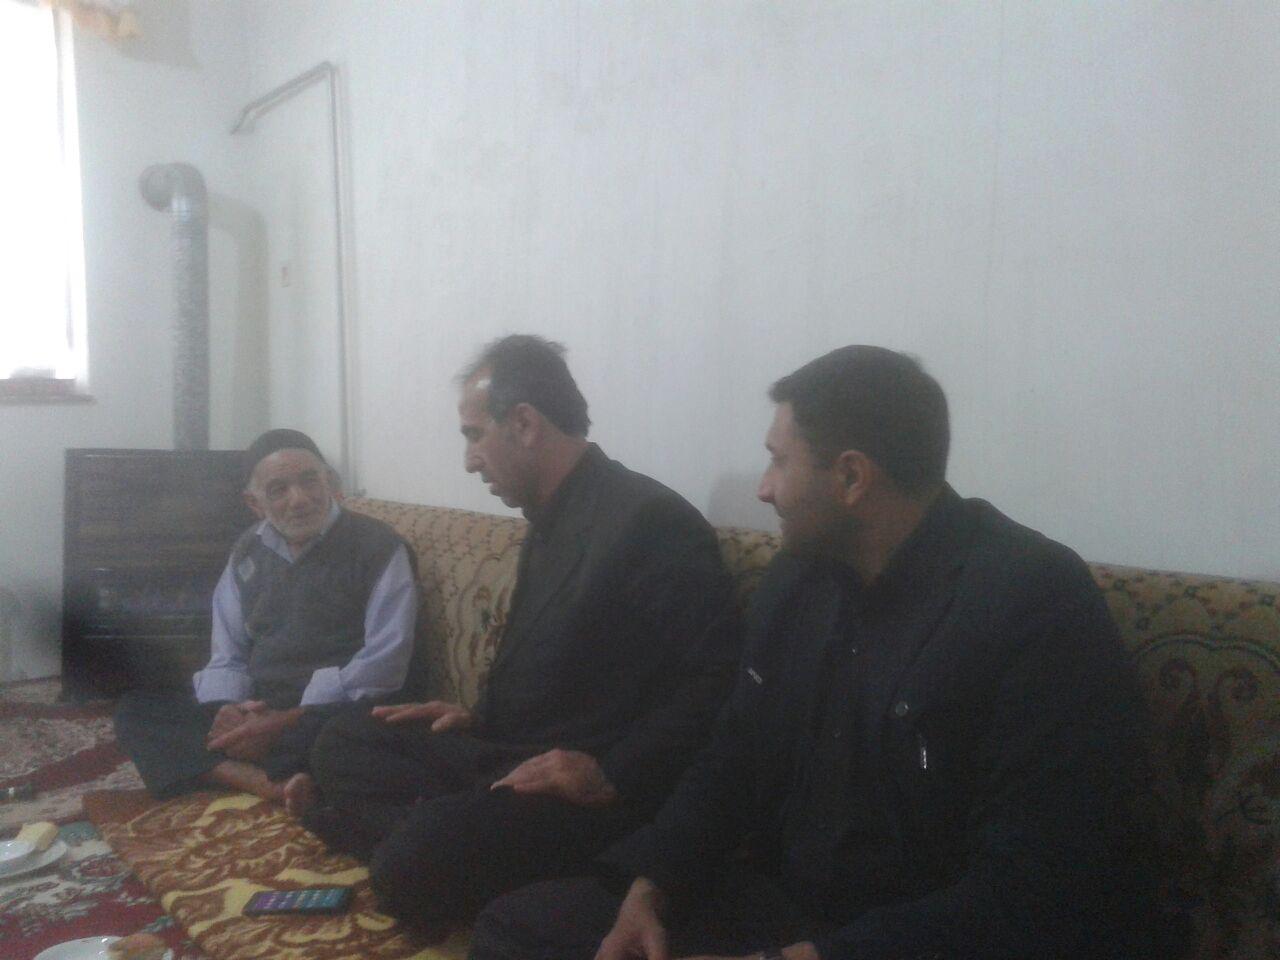 دیدار بخشدار و فرمانده بسیج چهاردانگه با خانواده شهید طاهری  مزده